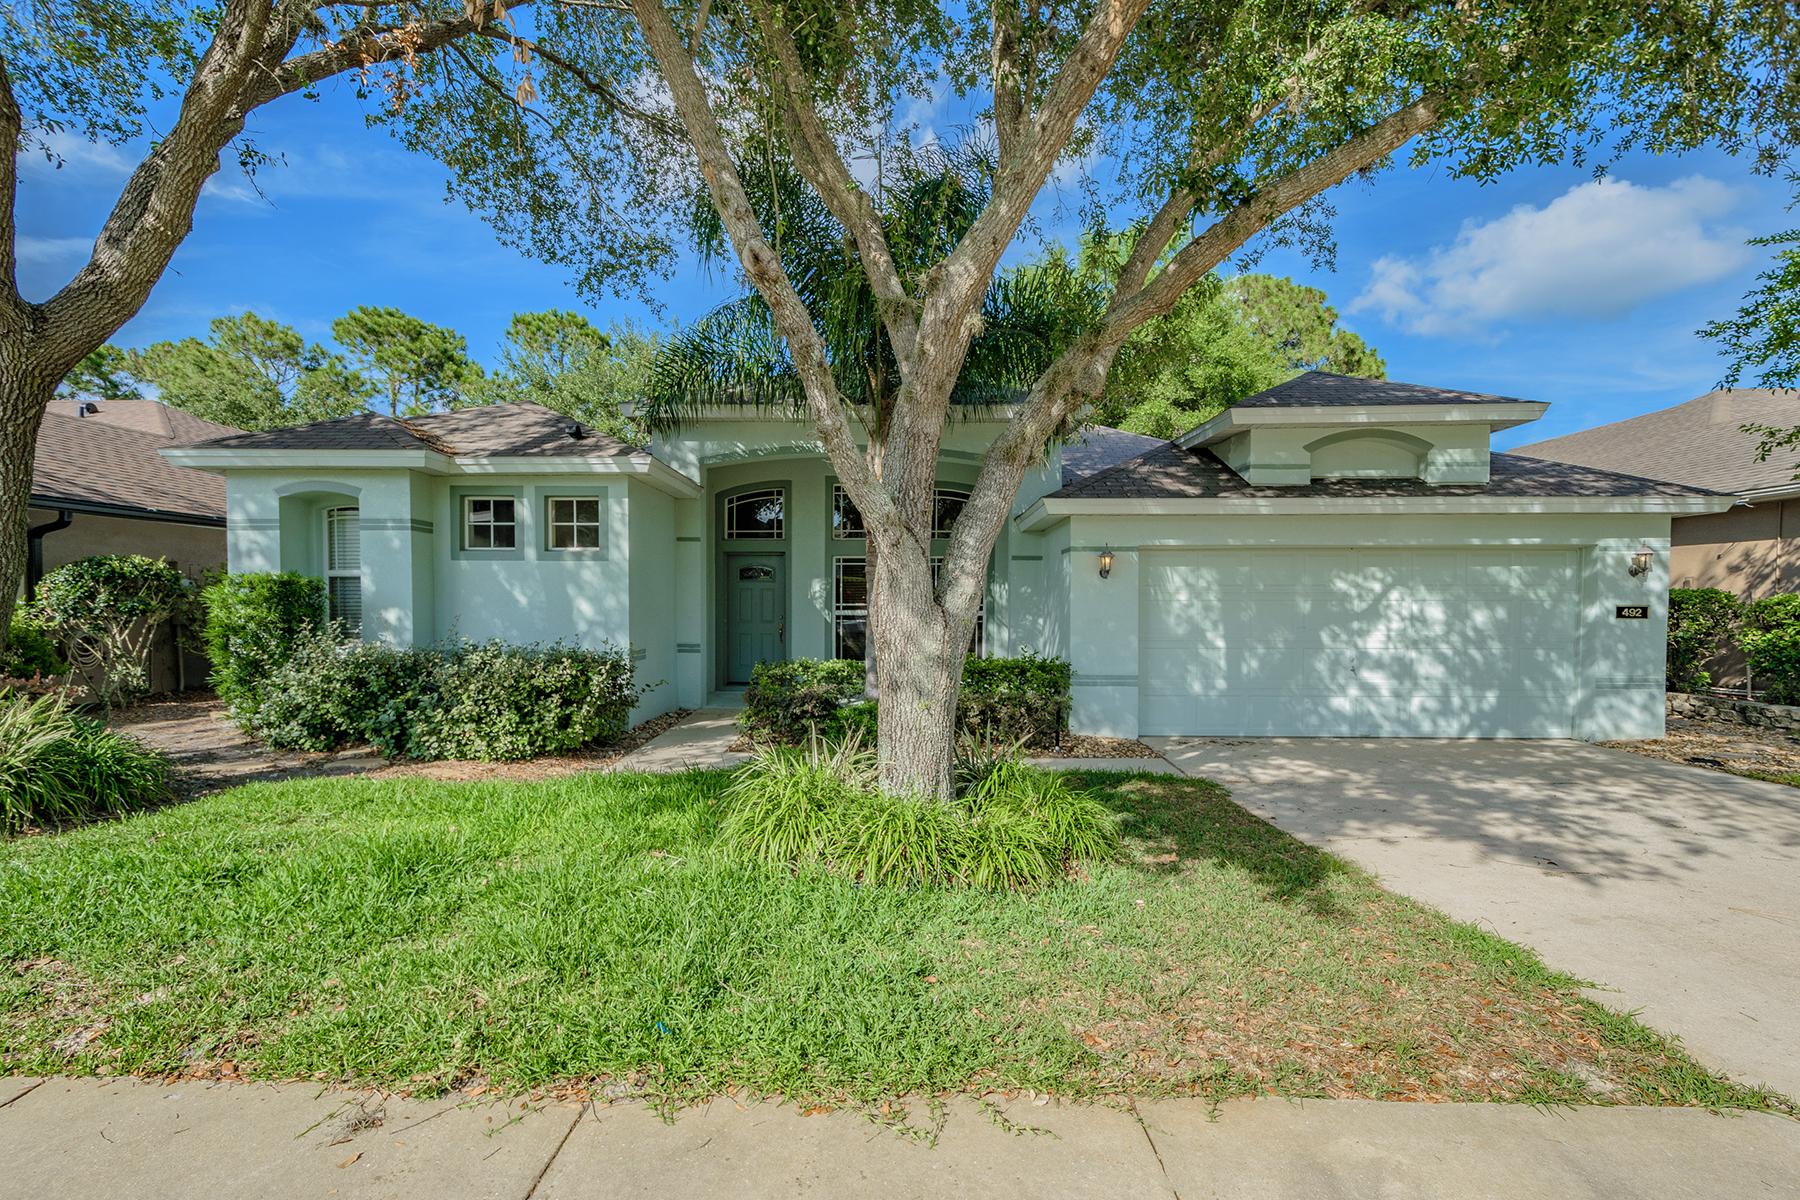 단독 가정 주택 용 매매 에 NORTH ORLANDO - WOODBRIDGE LAKES 492 Pickfair Terr Lake Mary, 플로리다, 32746 미국